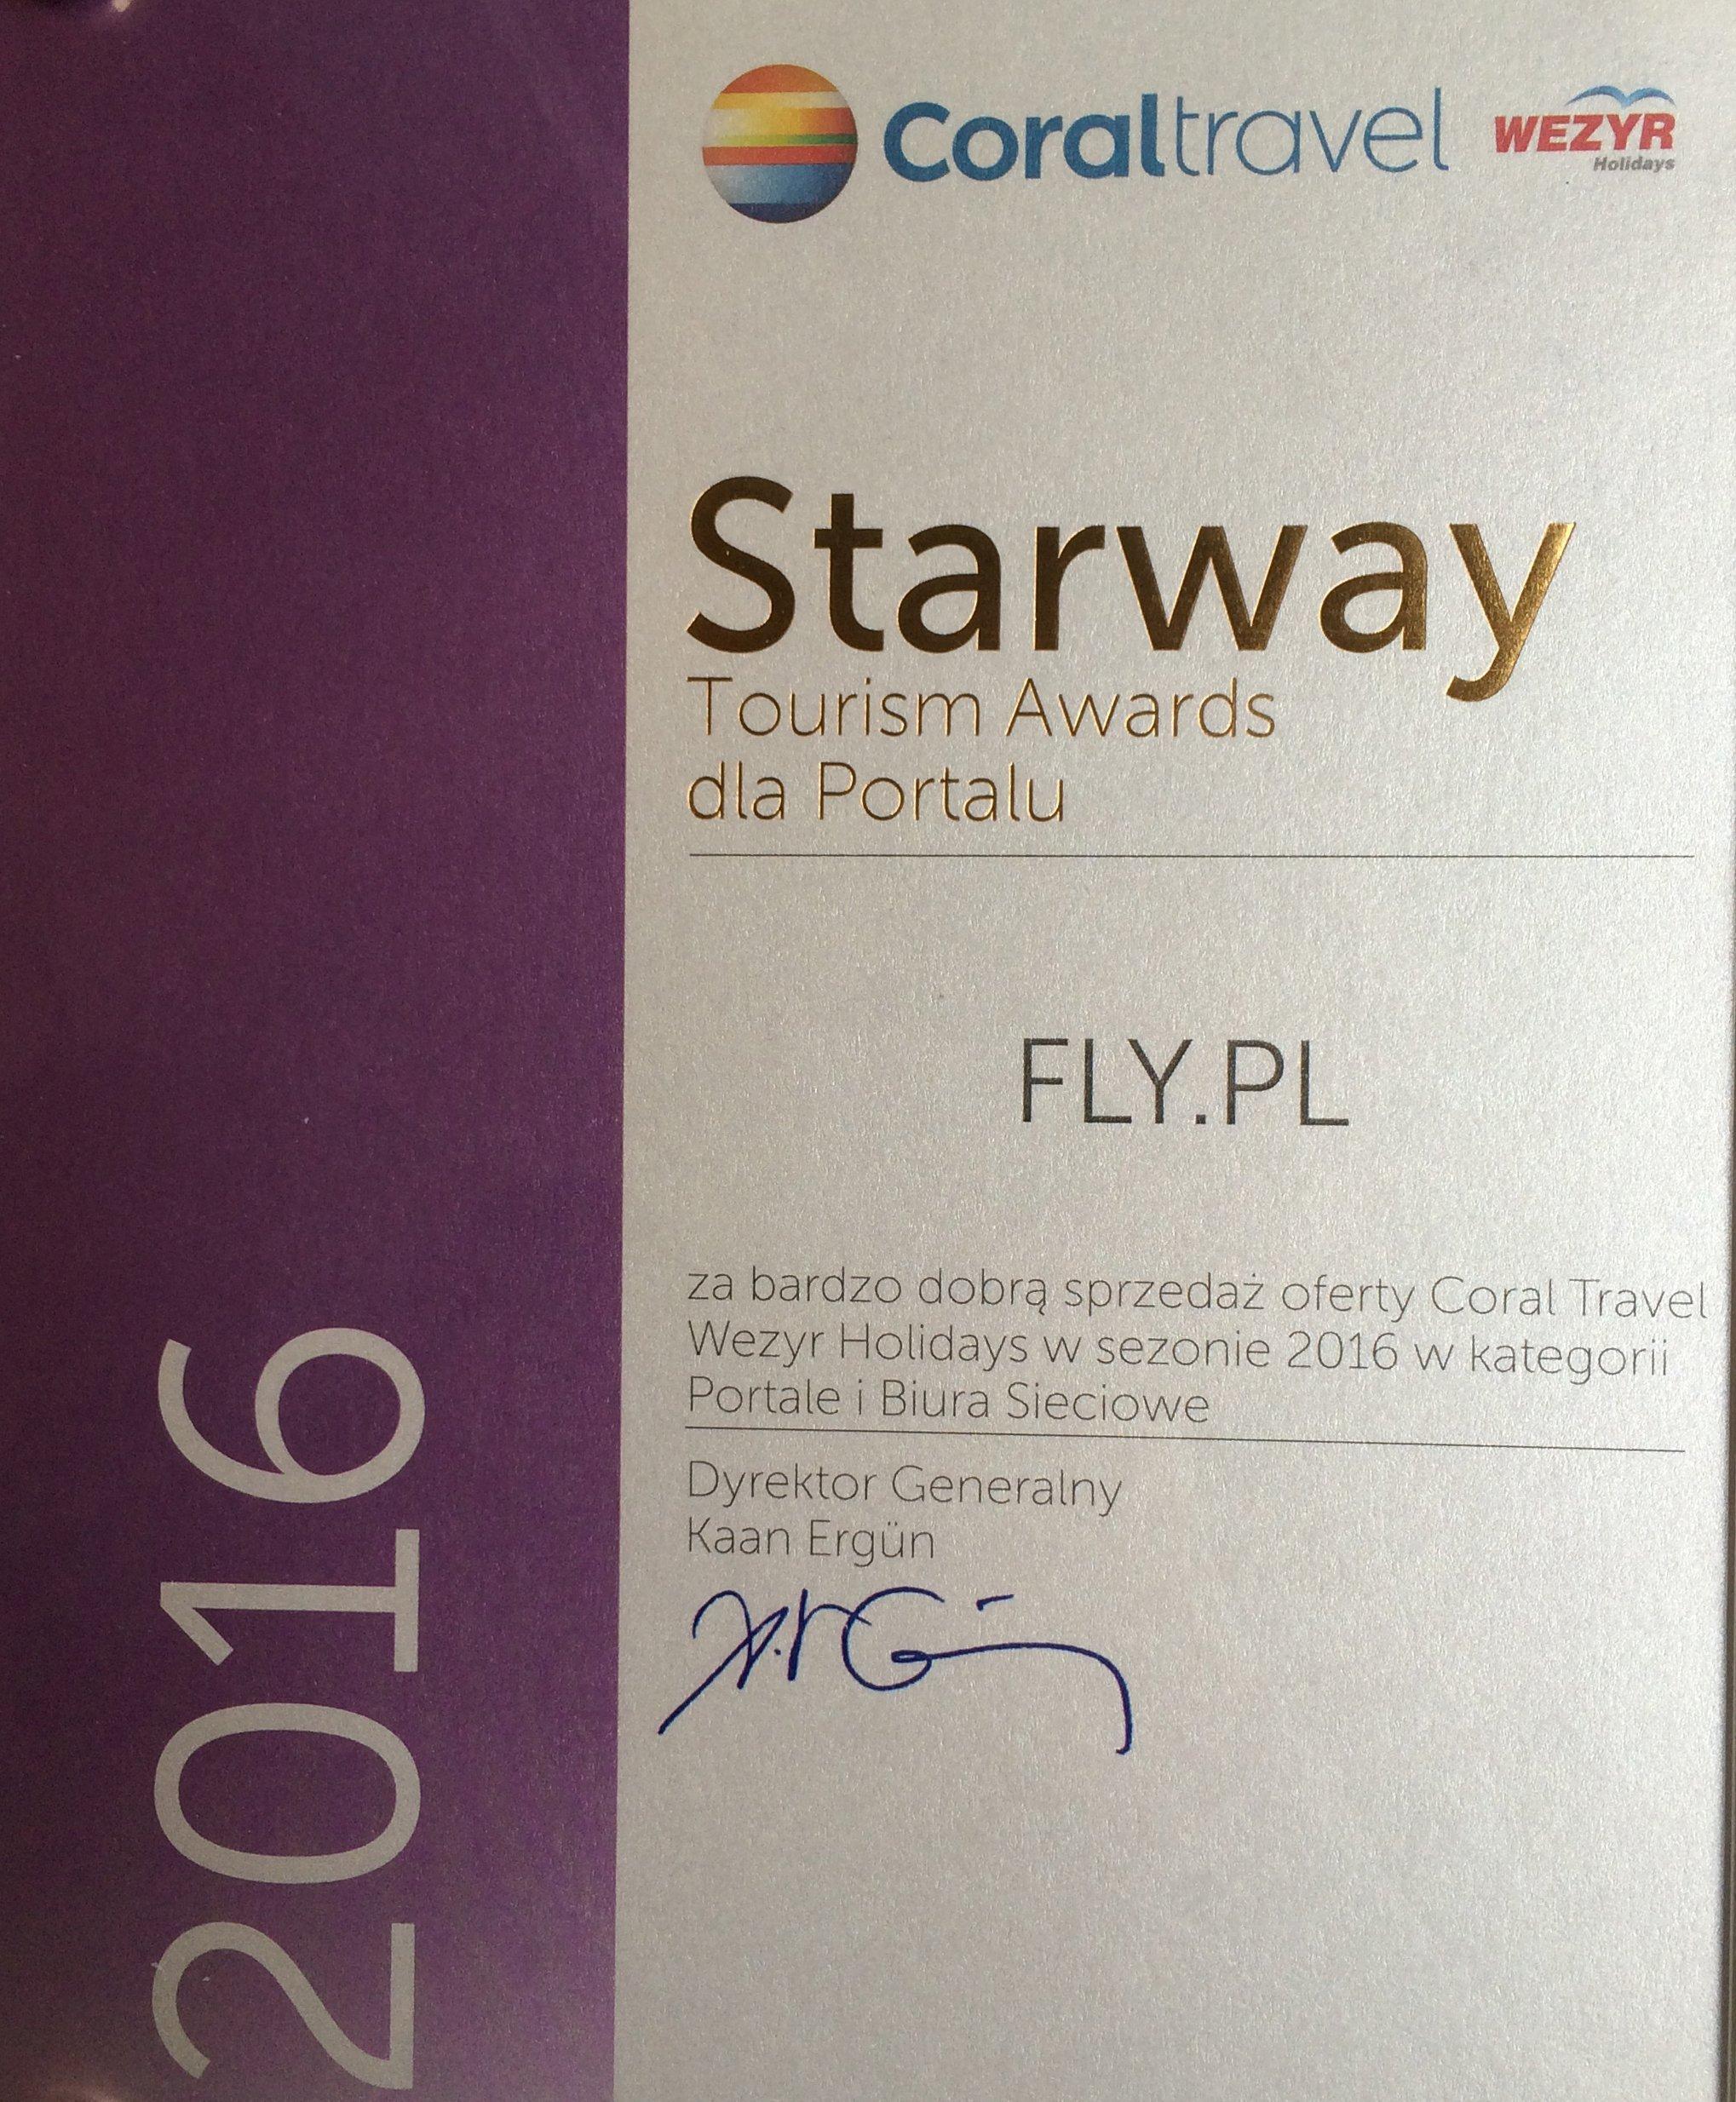 Starway Tourism Awards od Coral Travel Wezyr Holidays